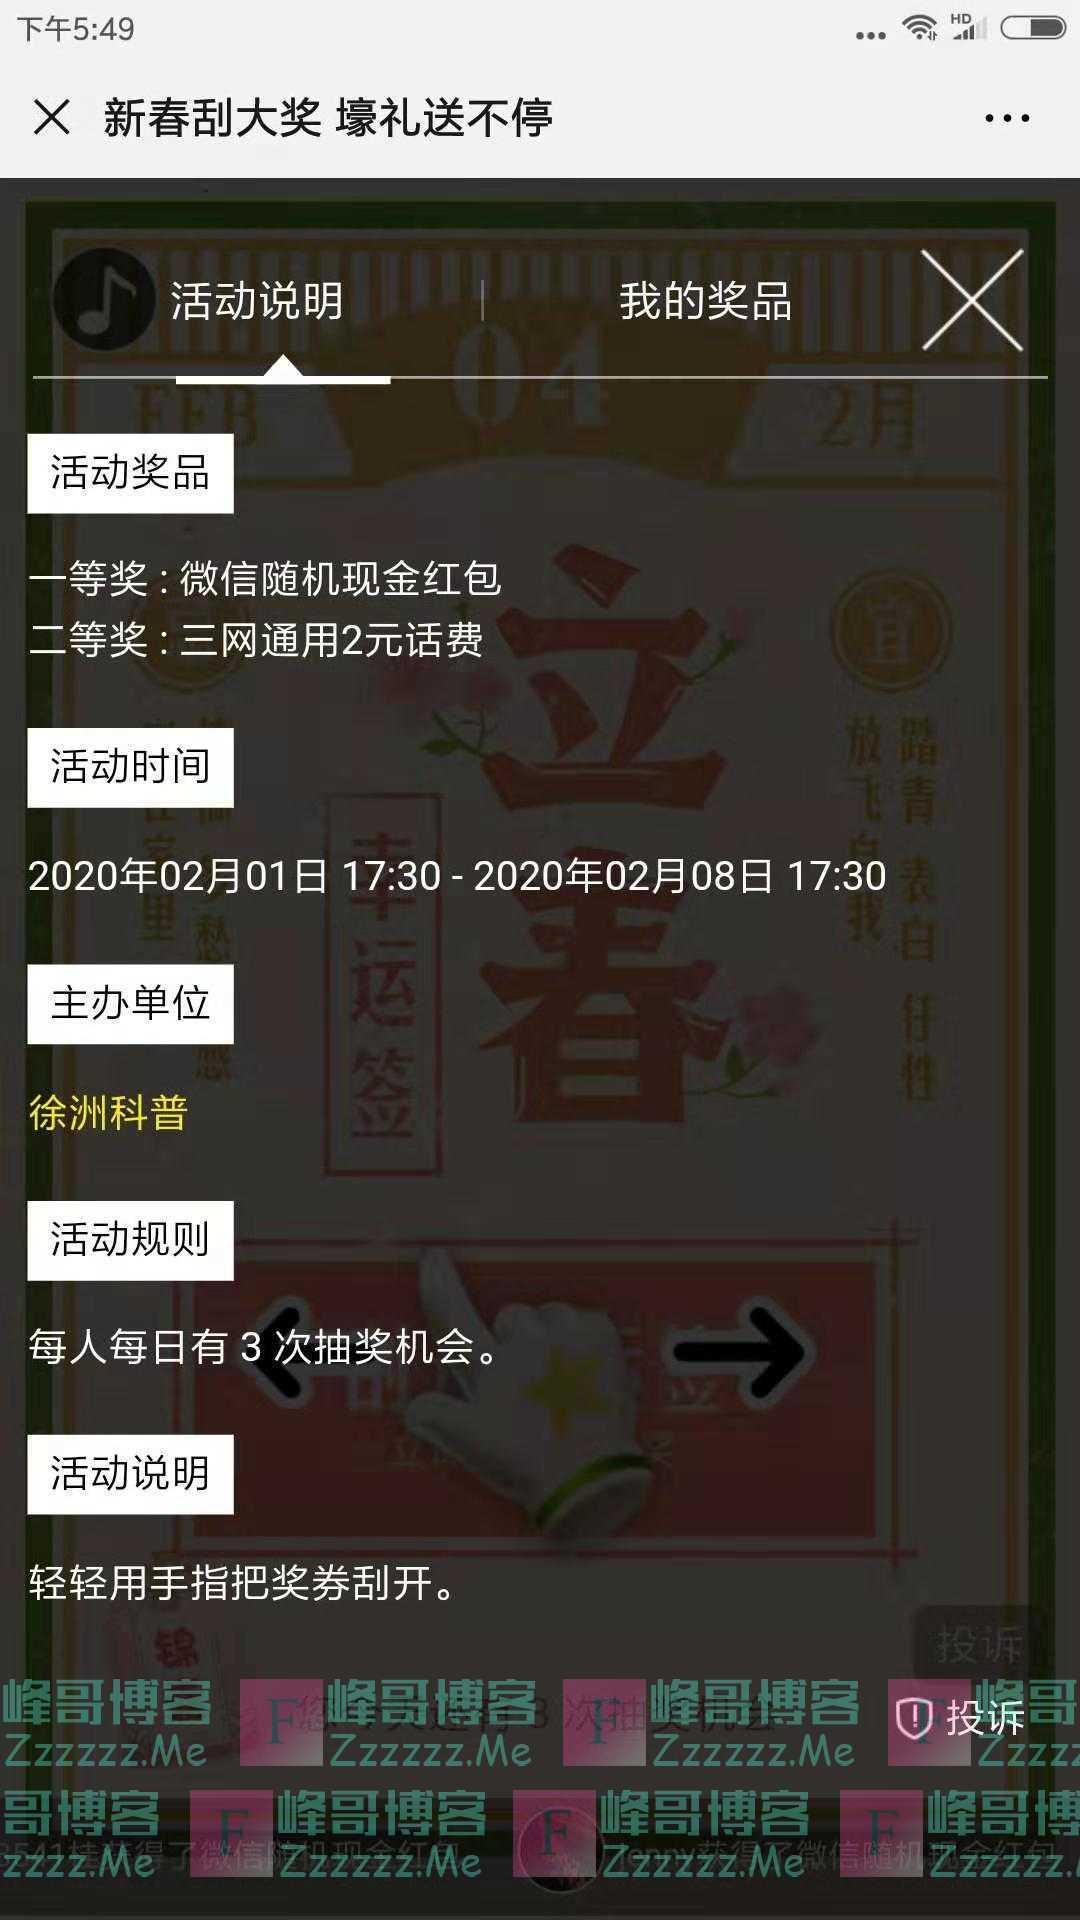 徐洲科普新春刮大奖(截止2月8日)